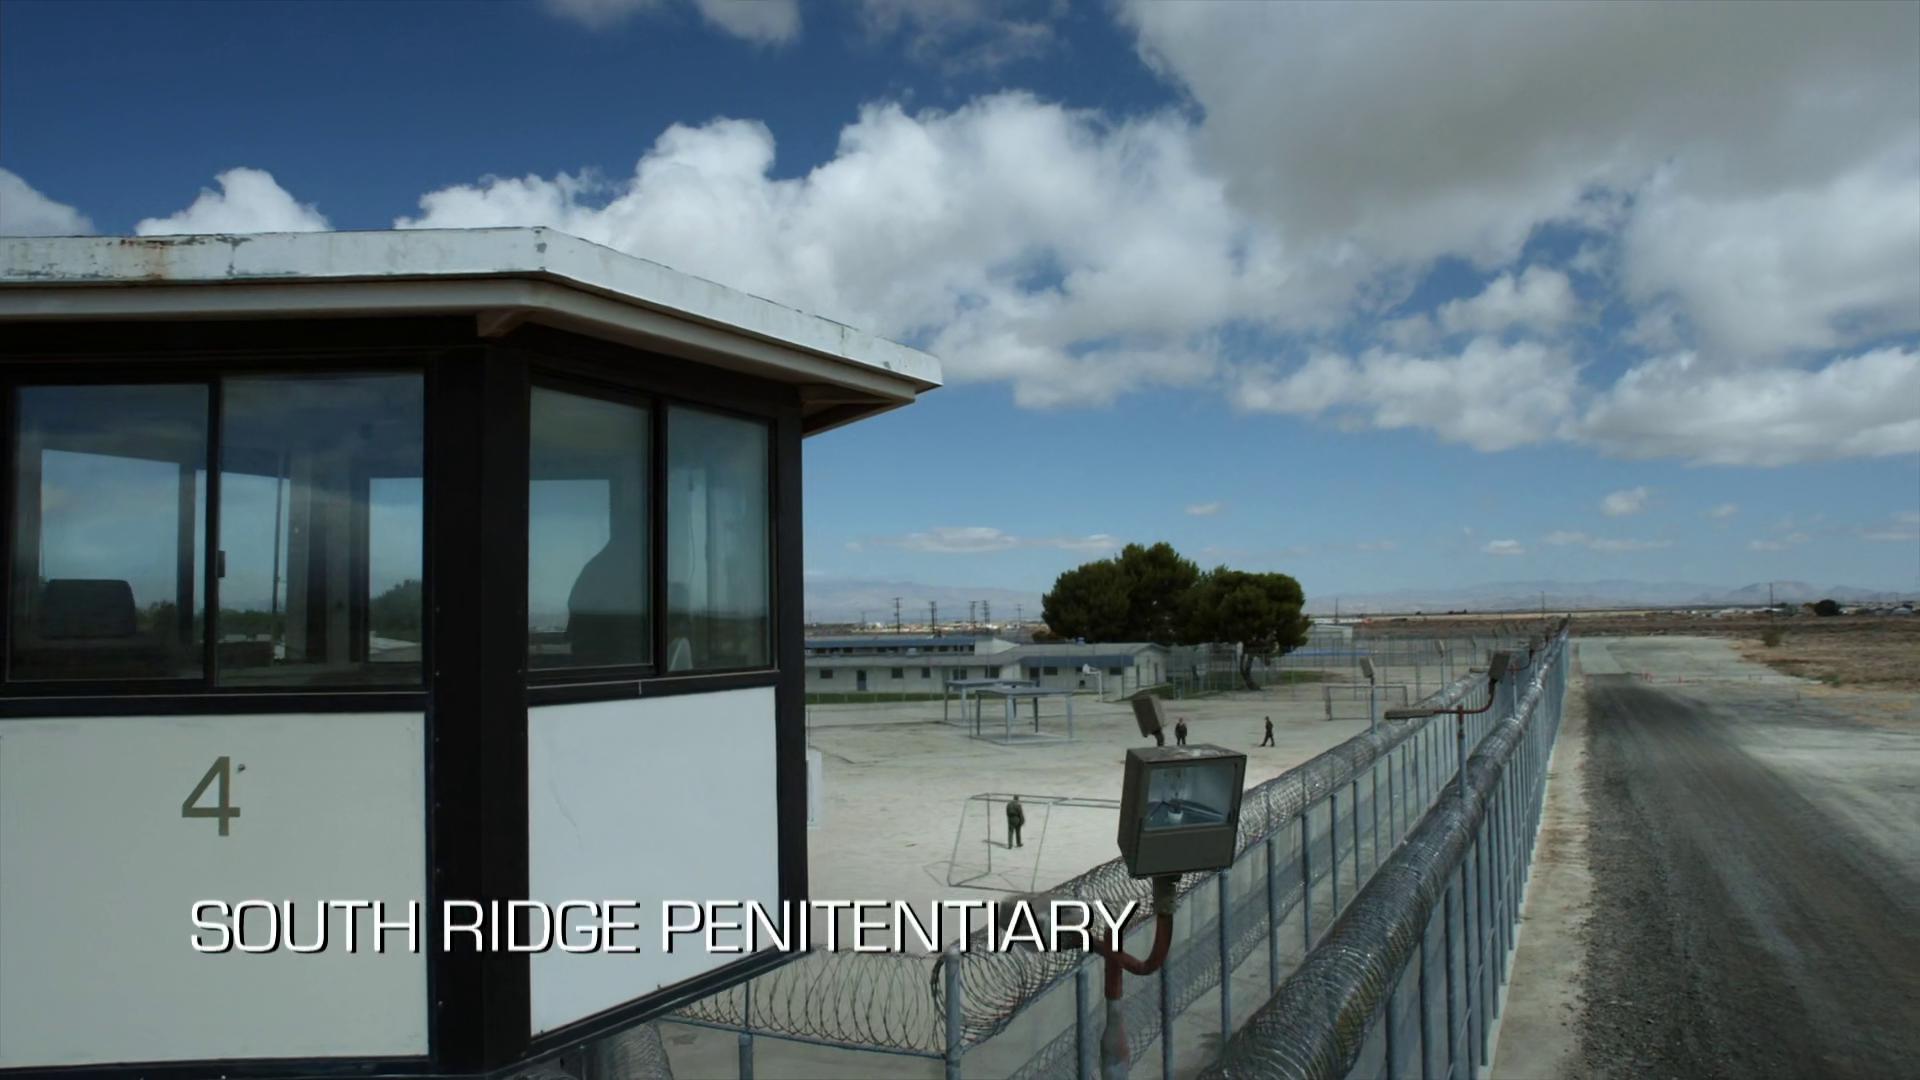 File:South Ridge Penitentiary2.png